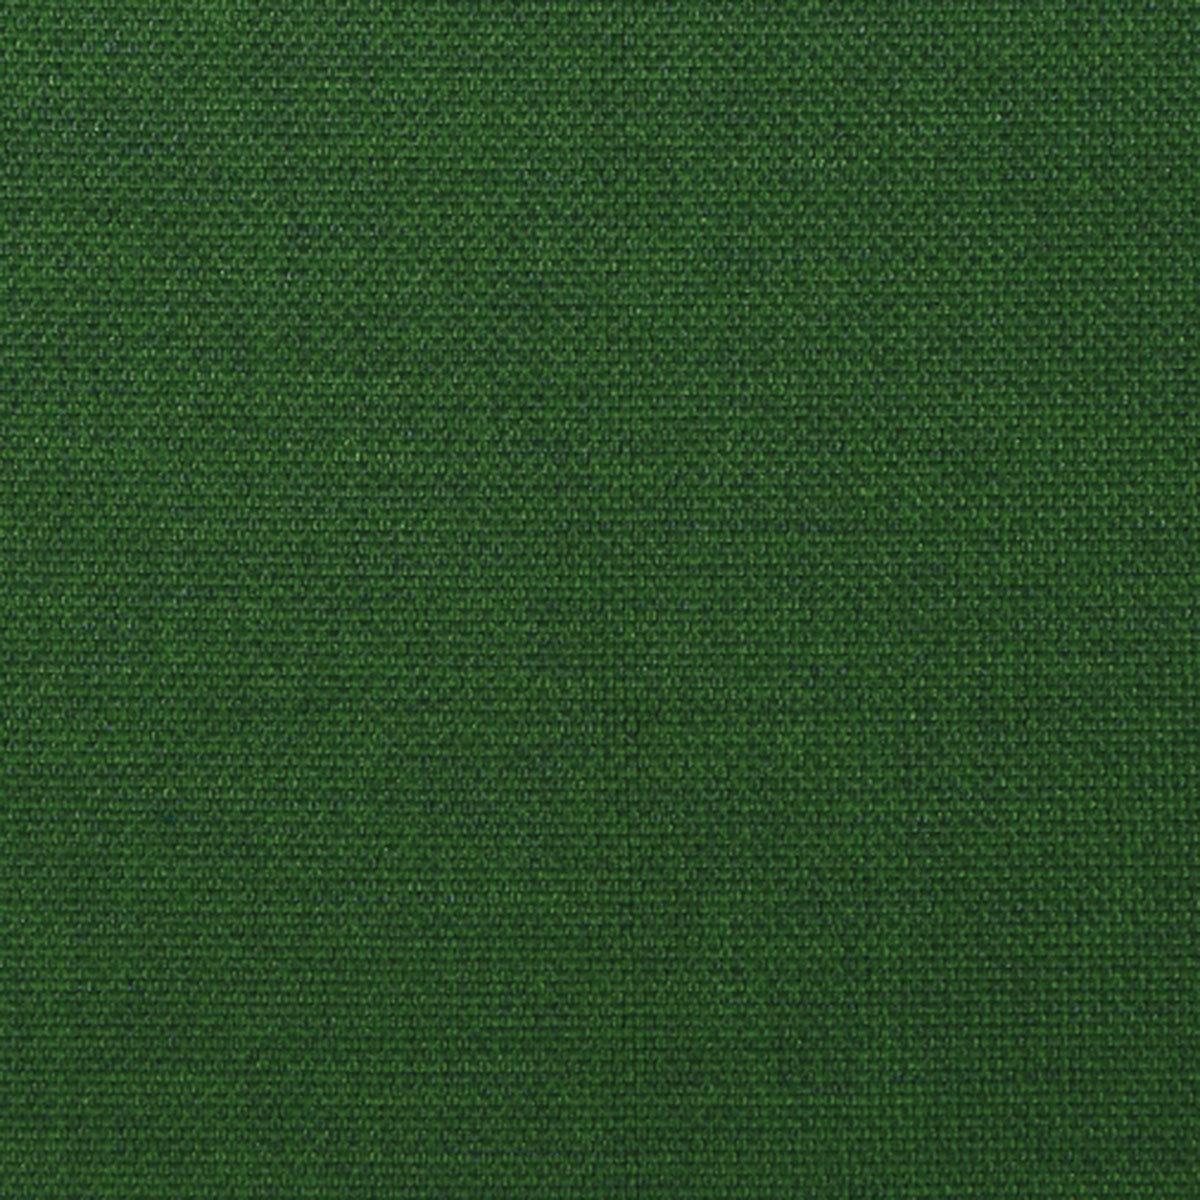 Sessel-Auflage Musica, grün | #2